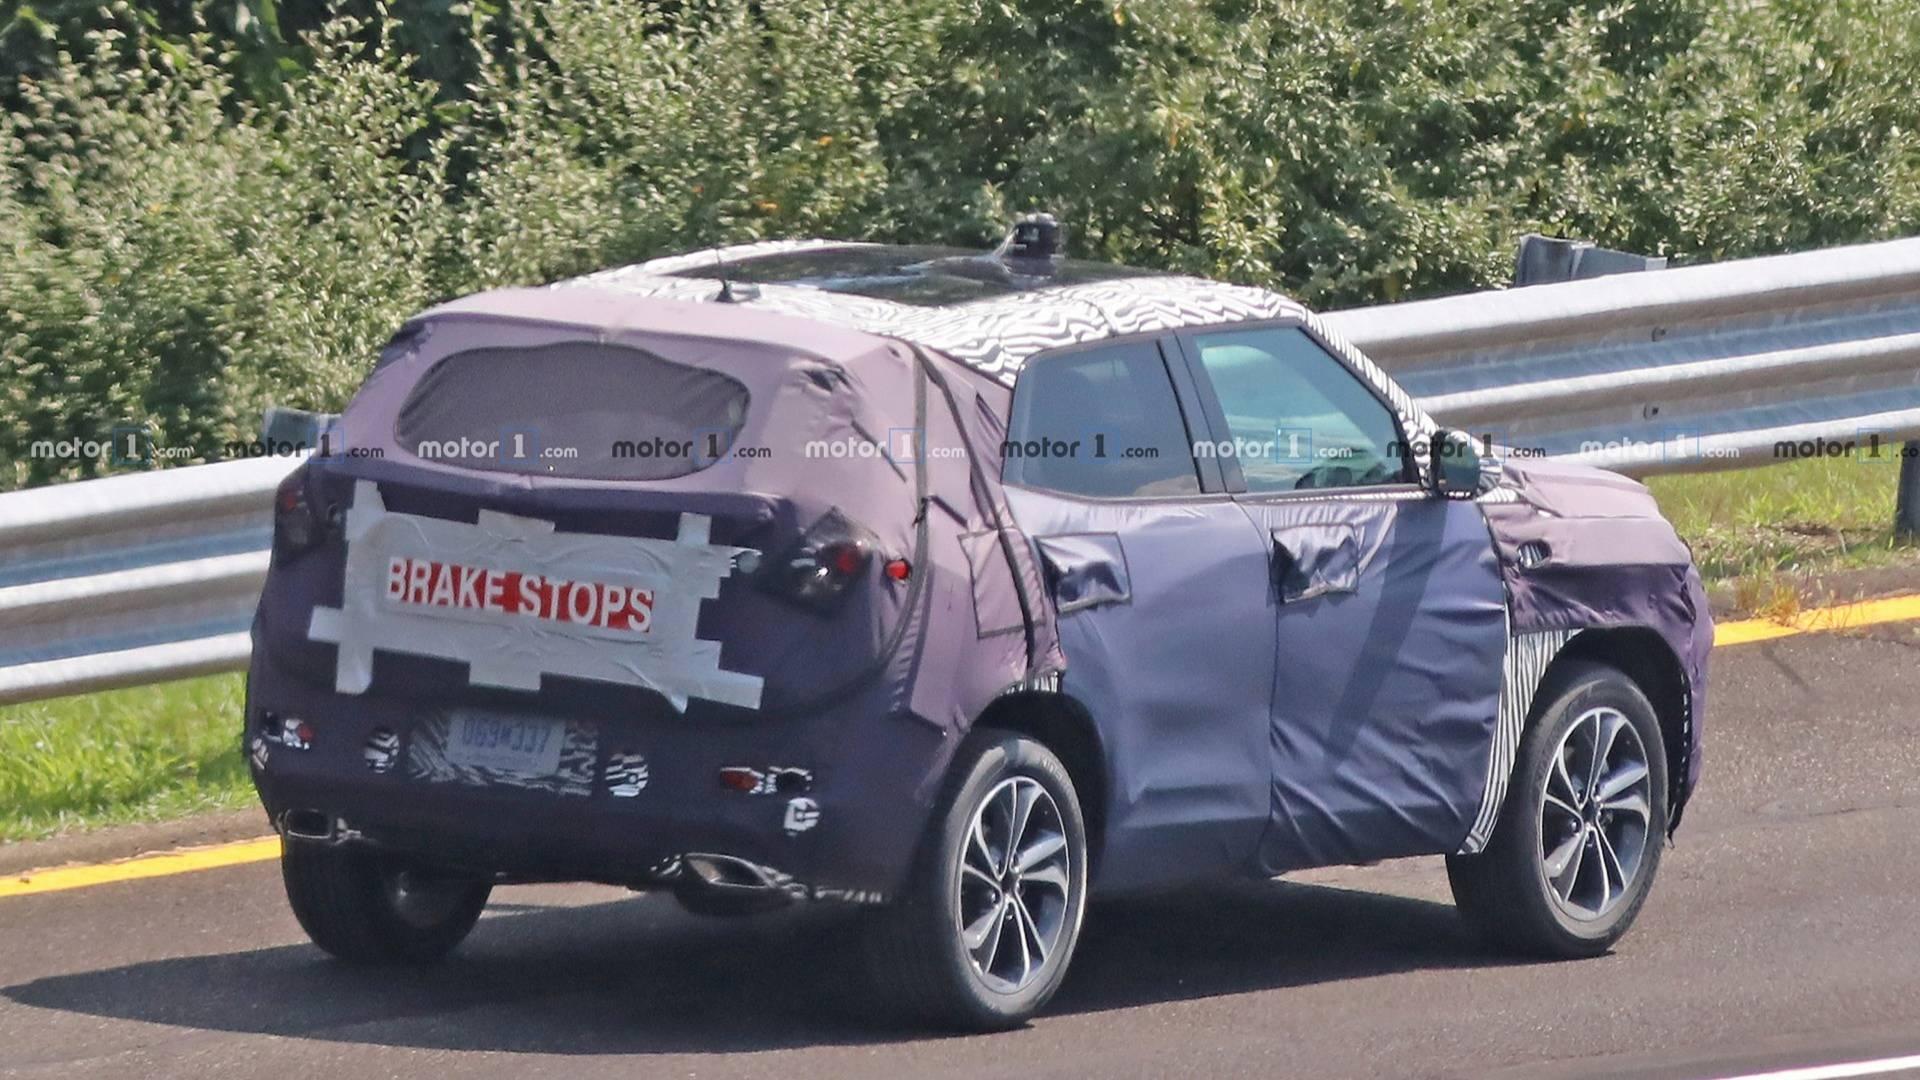 VWVortex.com - Redesigned 2020 Chevrolet Trax SUV Spied ...